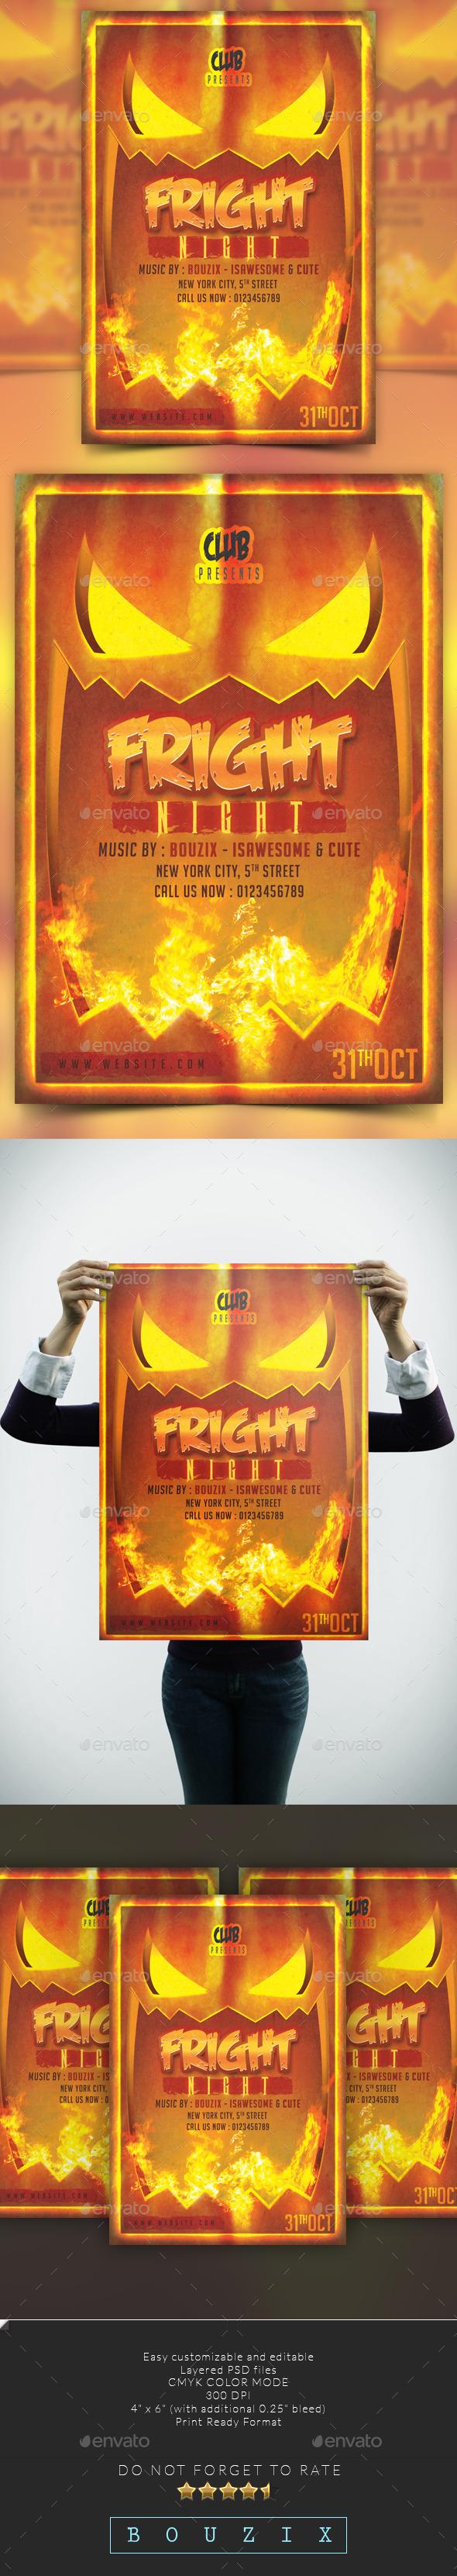 Fright Night - Holidays Events